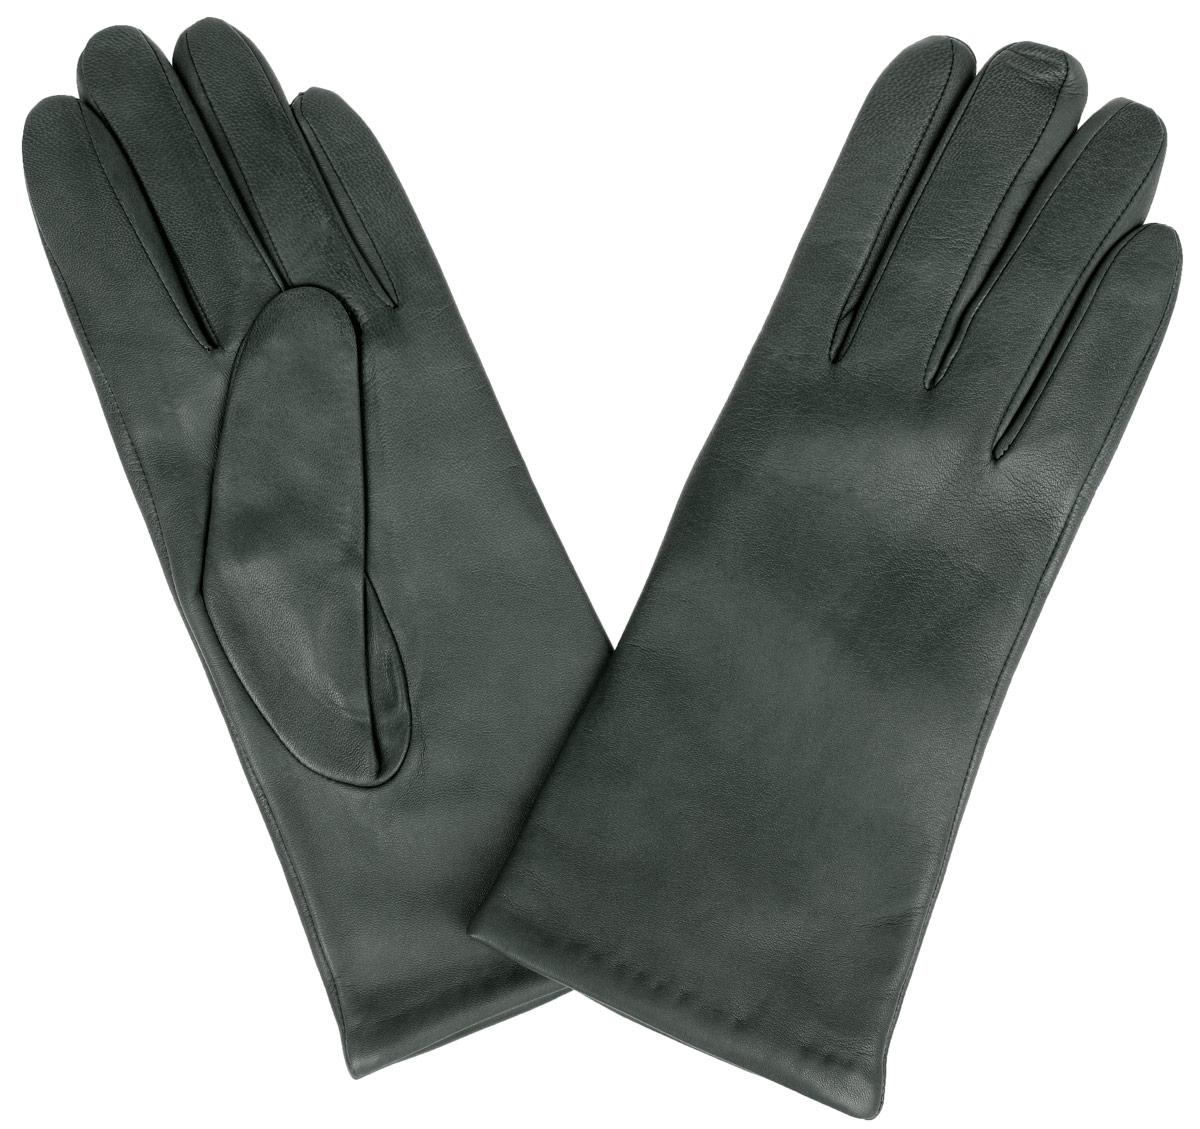 ПерчаткиIS0190Стильные женские перчатки Eleganzza не только защитят ваши руки от холода, но и станут великолепным украшением. Перчатки выполнены из натуральной кожи ягненка, подкладка - из 100% искусственного шелка. В настоящее время перчатки являются неотъемлемой принадлежностью одежды, вместе с этим аксессуаром вы обретаете женственность и элегантность. Перчатки станут завершающим и подчеркивающим элементом вашего стиля и неповторимости.